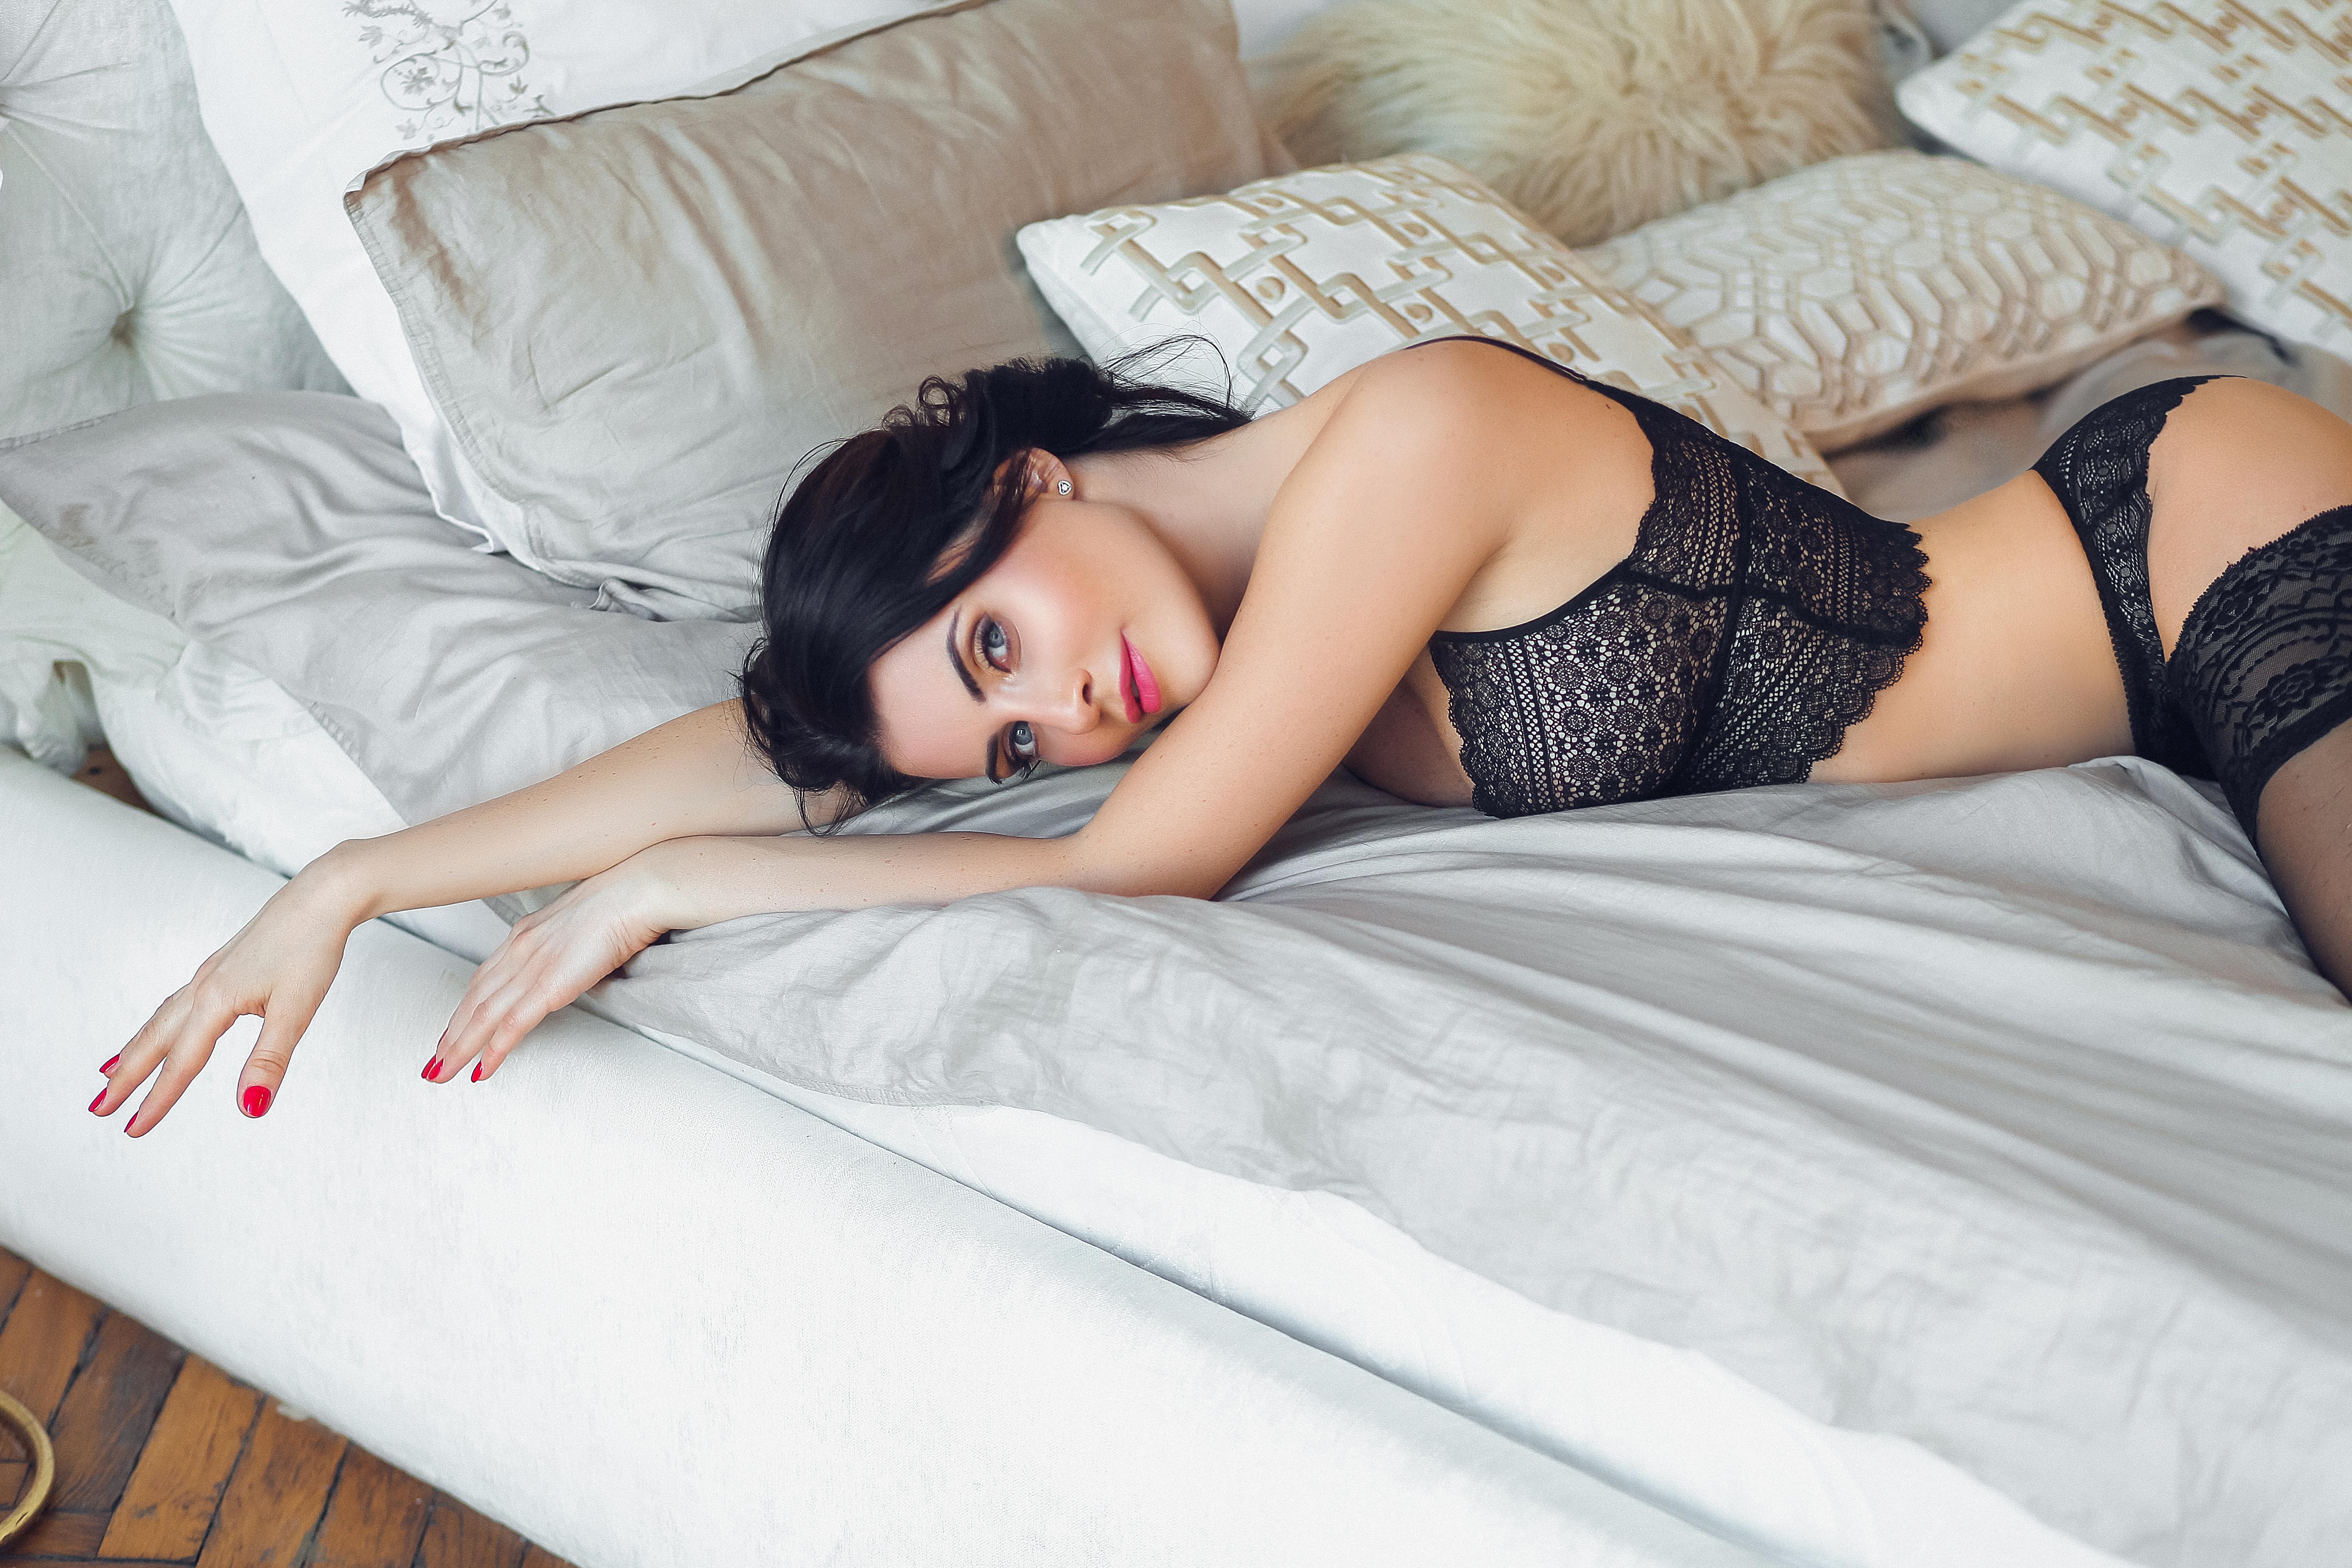 брюнетка на кровати